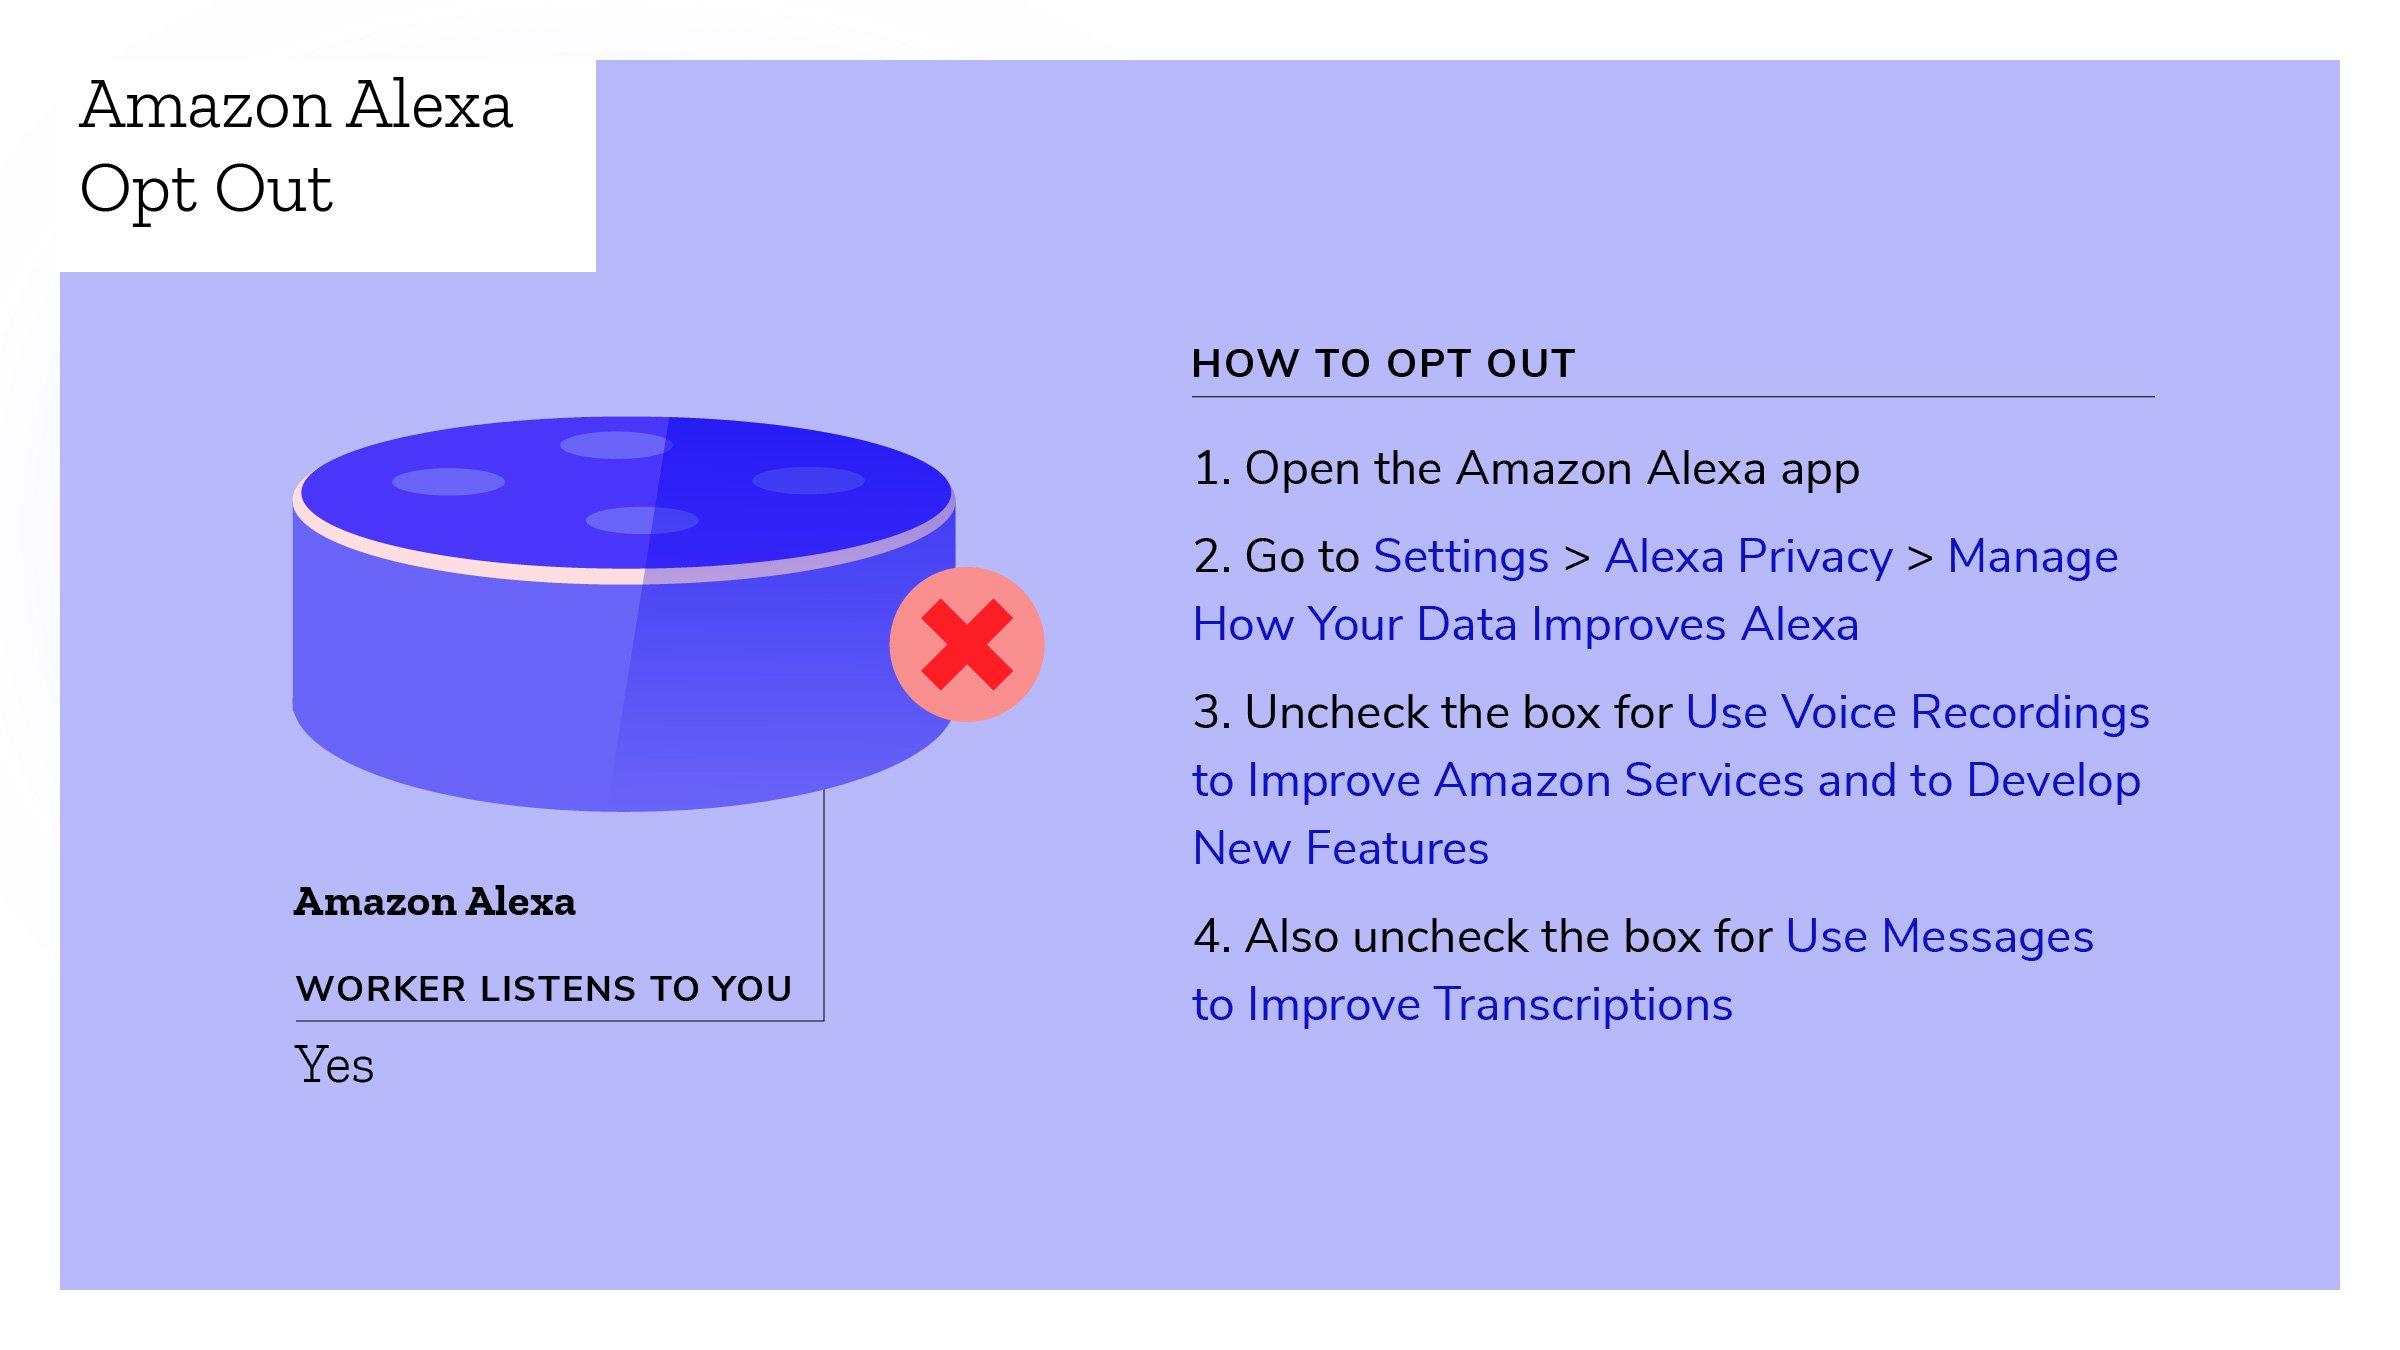 Amazon Alexa opt out